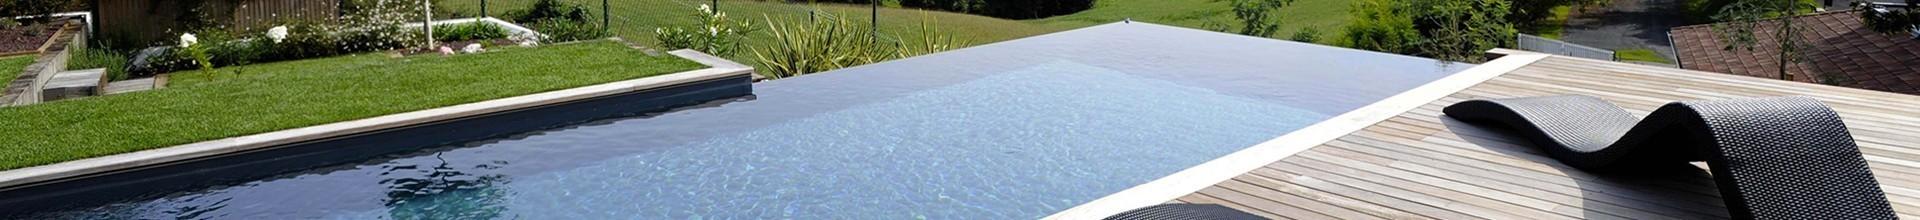 ✅  Auvergne Savoie Fabricant d'une piscine révolutionnaire